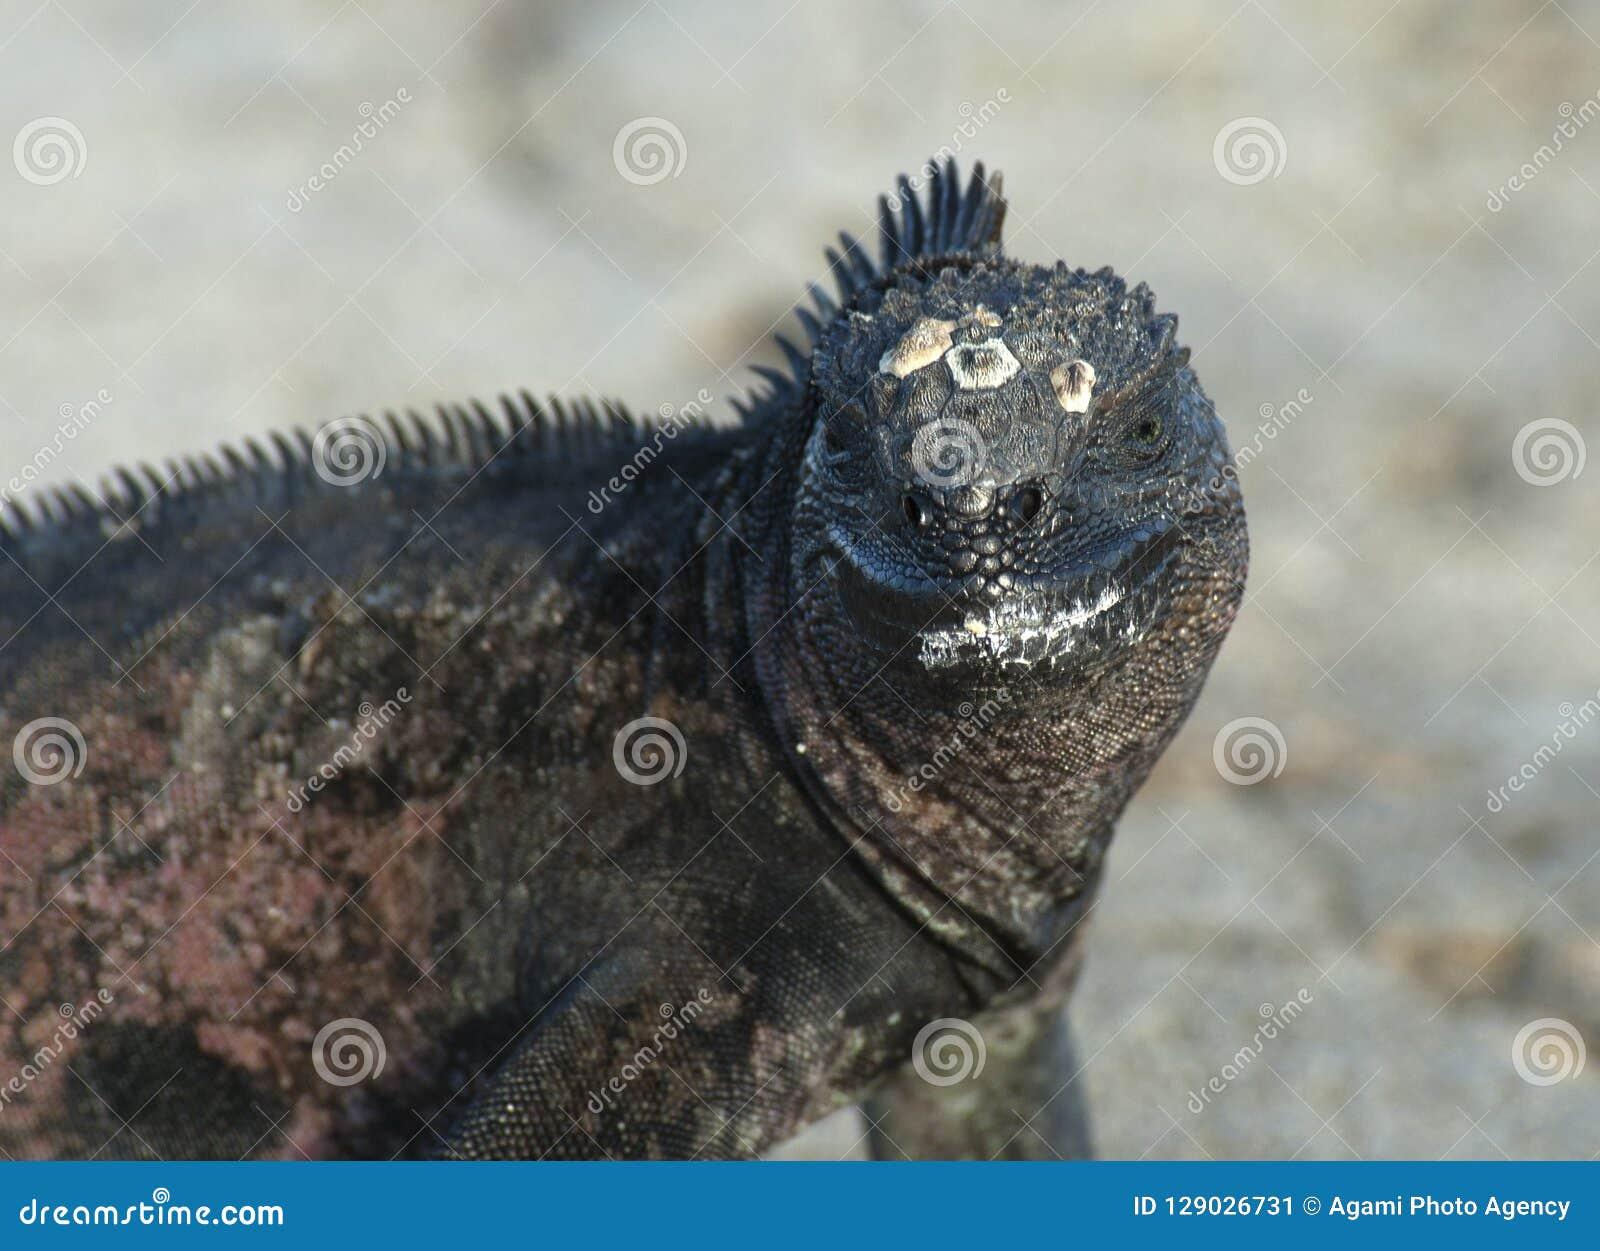 Zeeleguaan, морская игуана, cristatus Amblyrhynctus